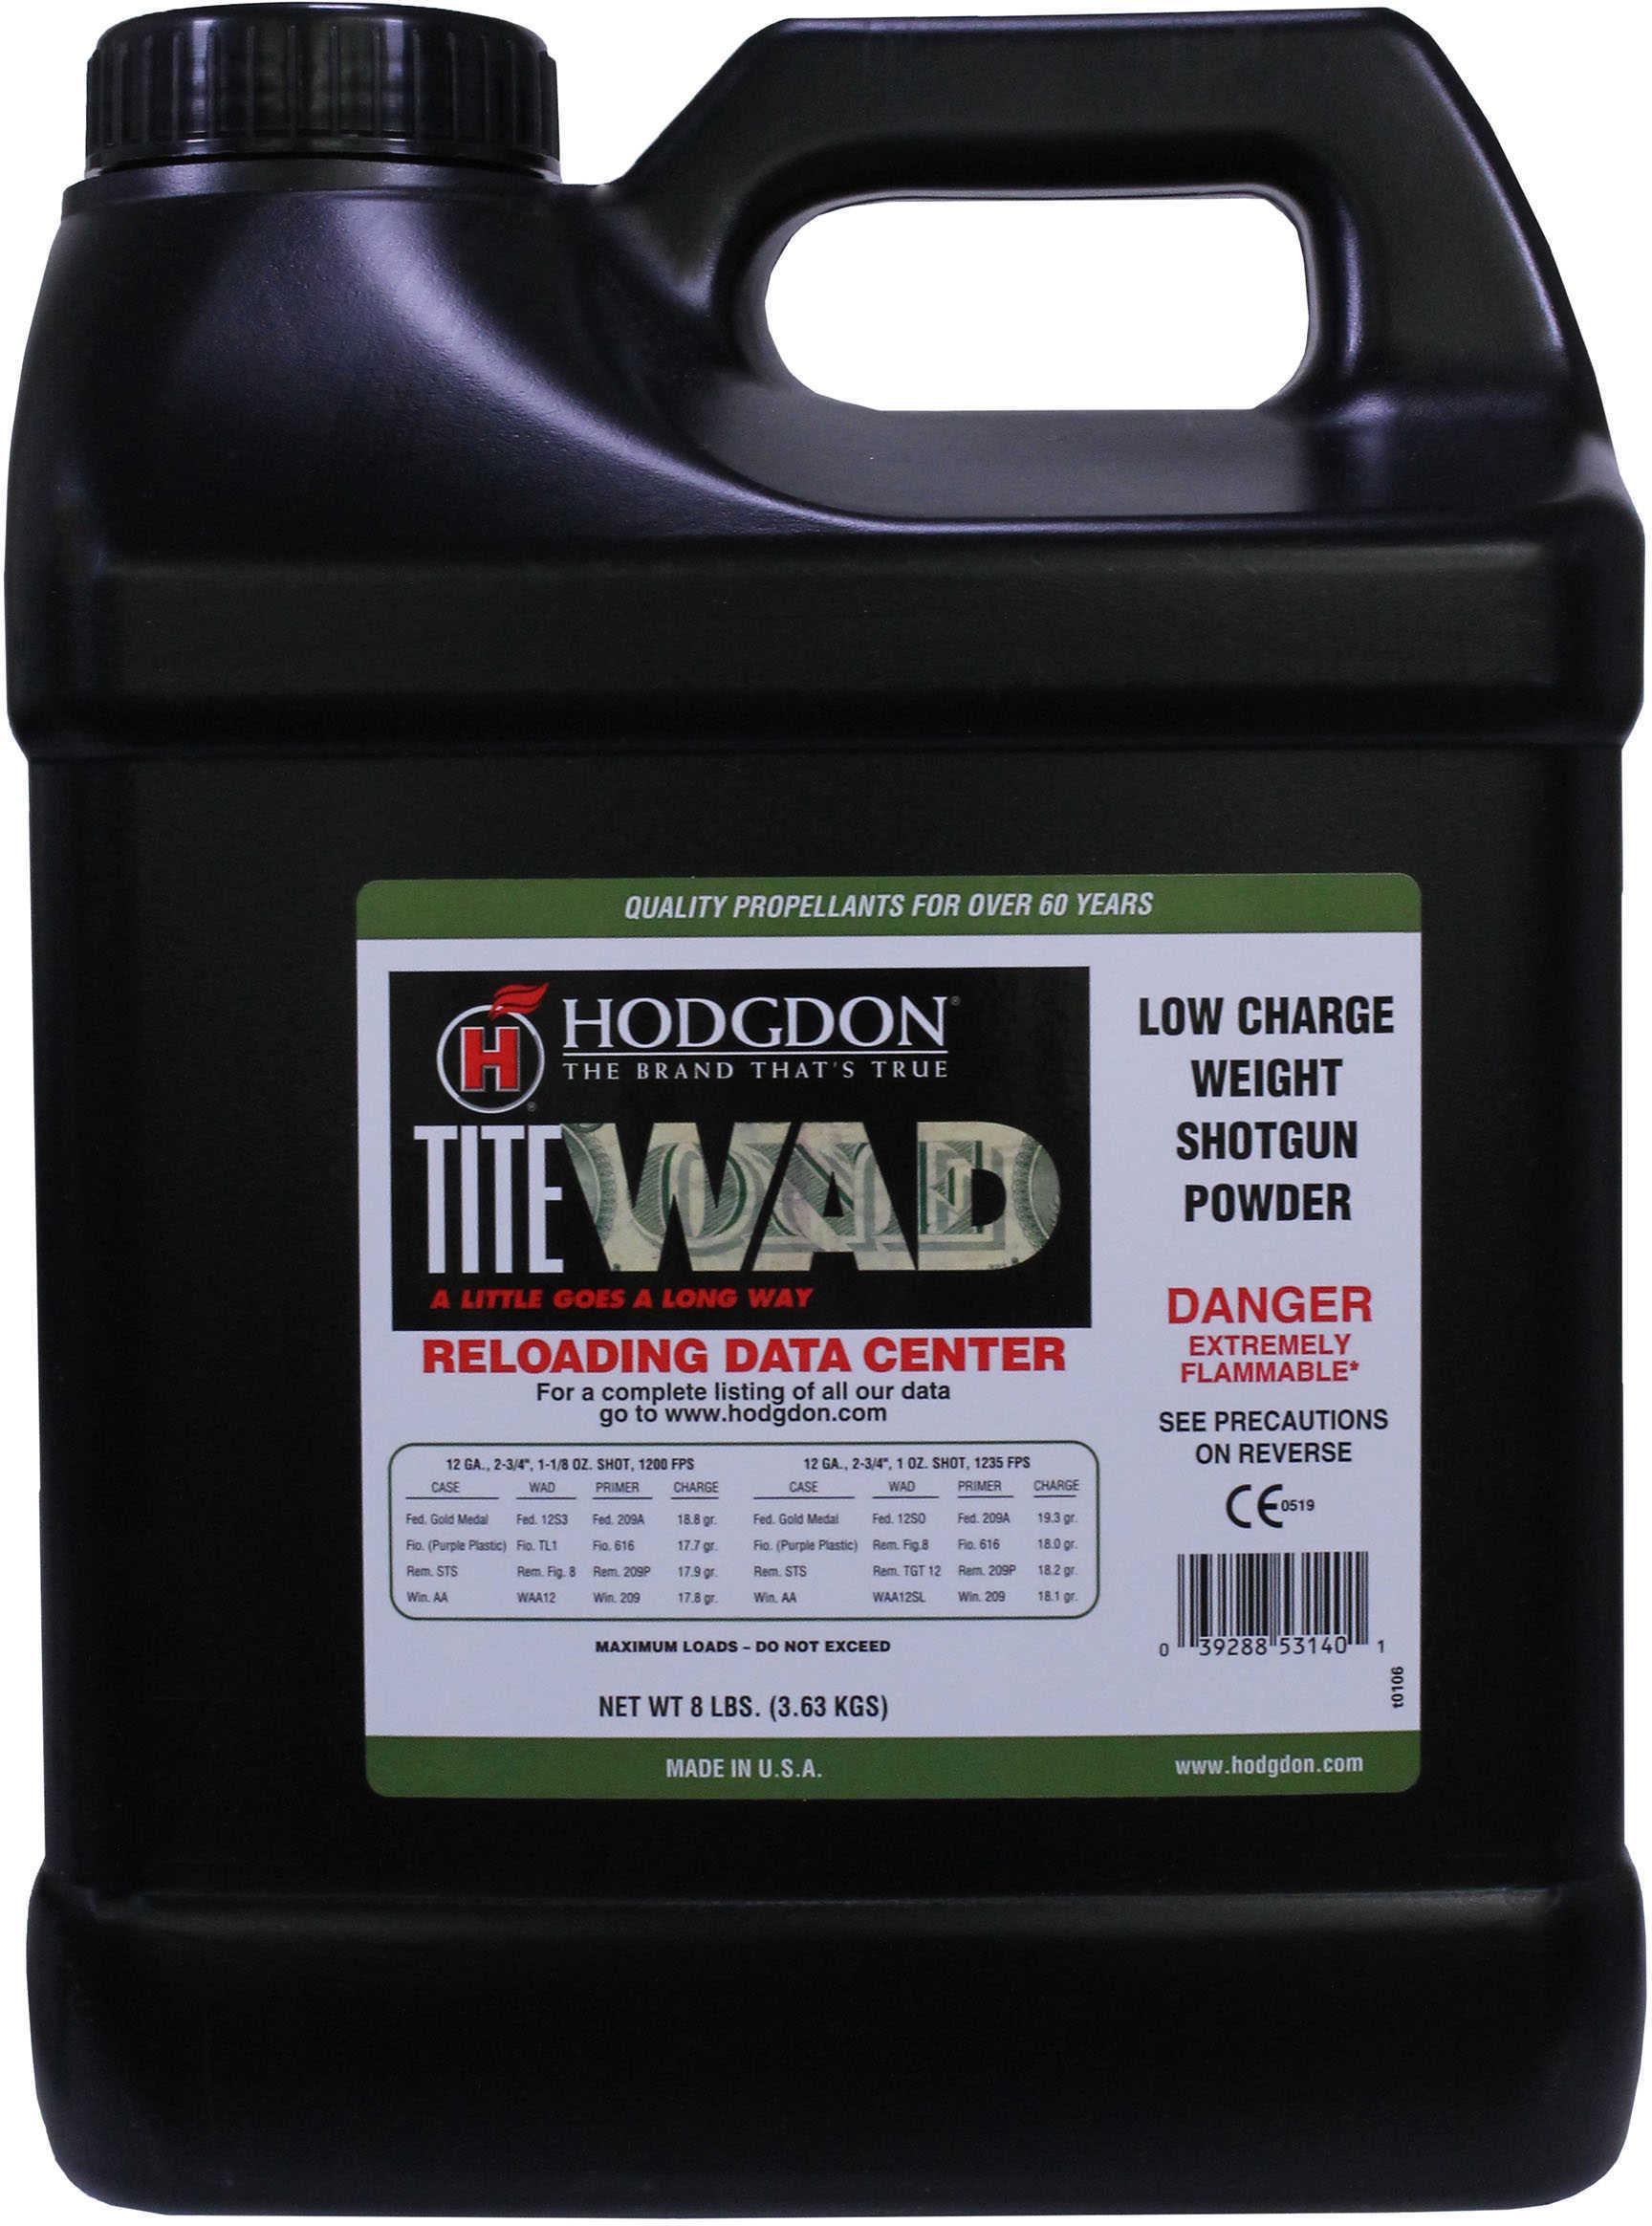 Hodgdon Powder Titewad Smokeless 8 Lb